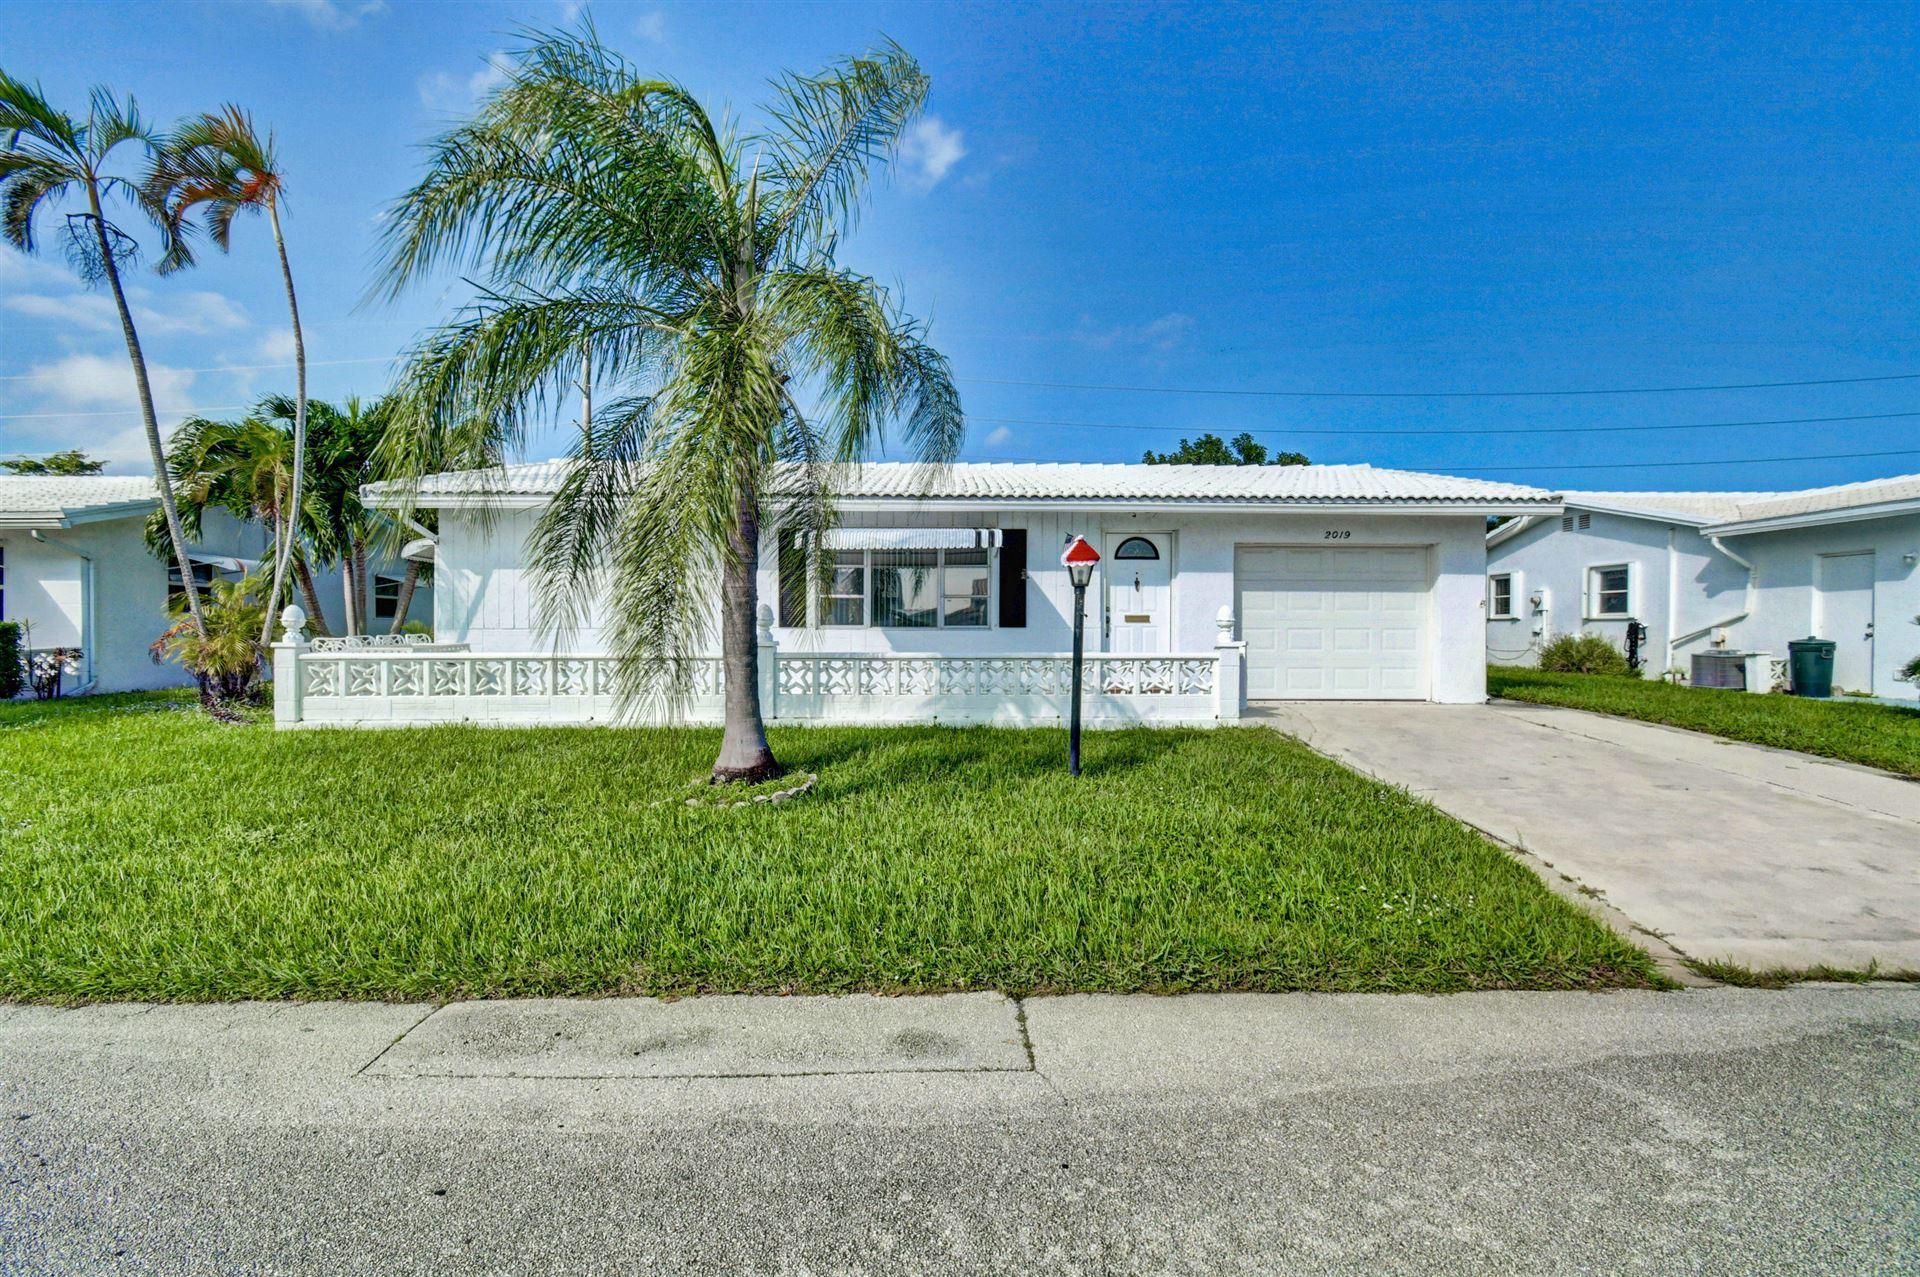 2019 SW 16th Avenue, Boynton Beach, FL 33426 - #: RX-10673013